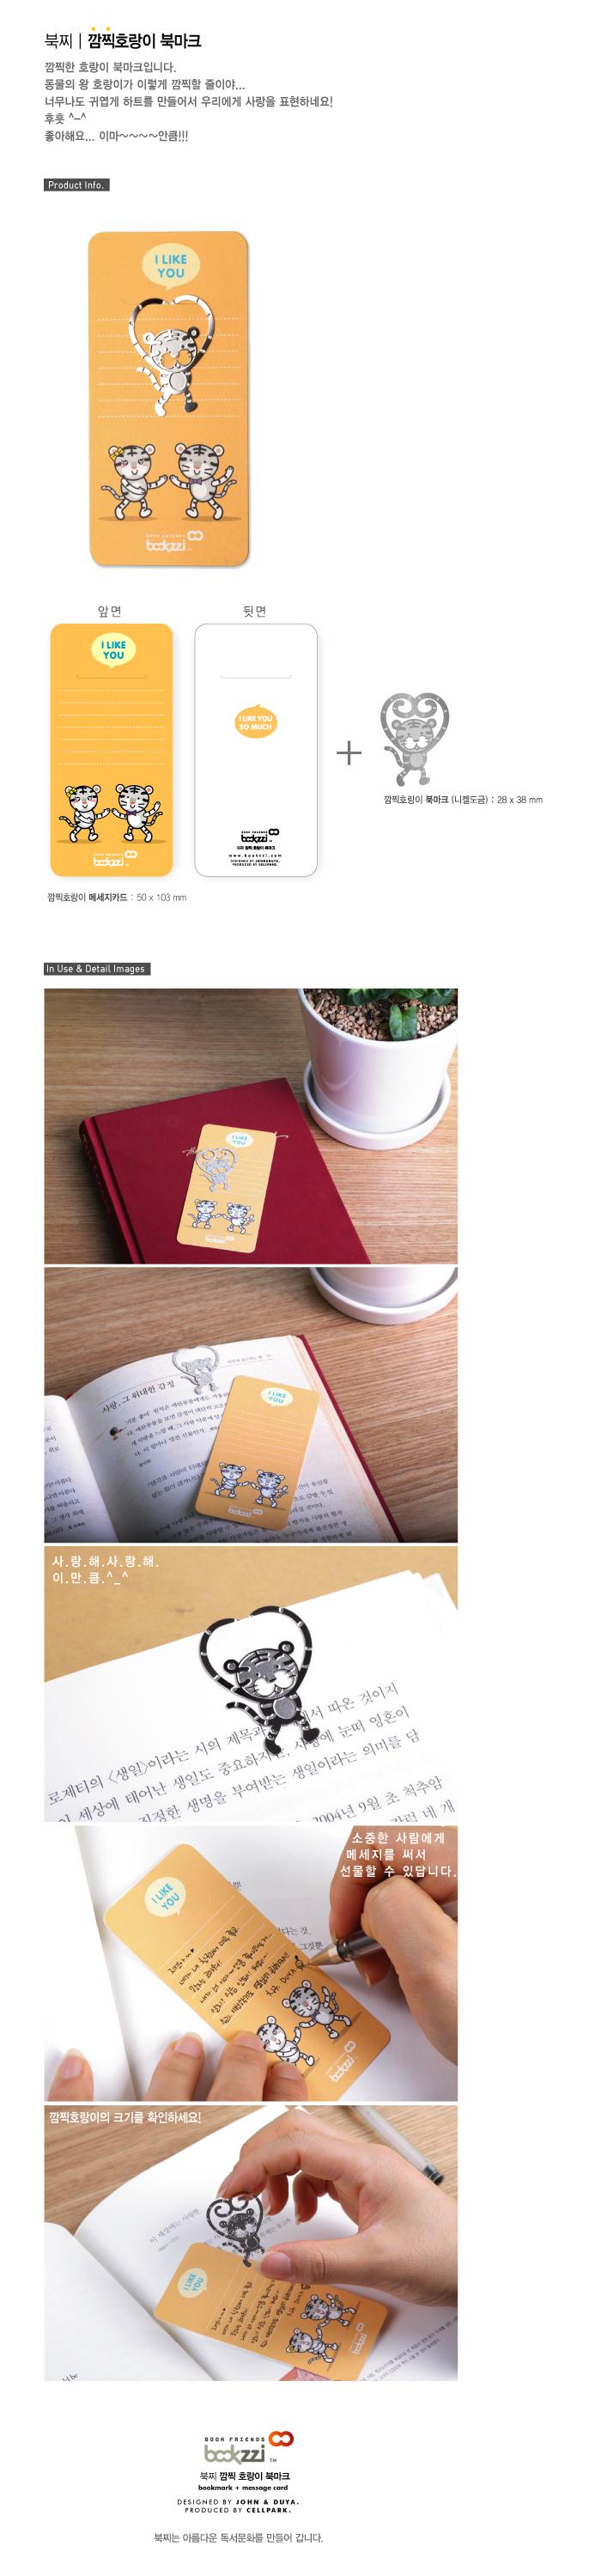 깜찍 호랑이 - 은도금 북마크 책갈피 카드 - 북프렌즈, 1,300원, 북마크/책갈피, 심플